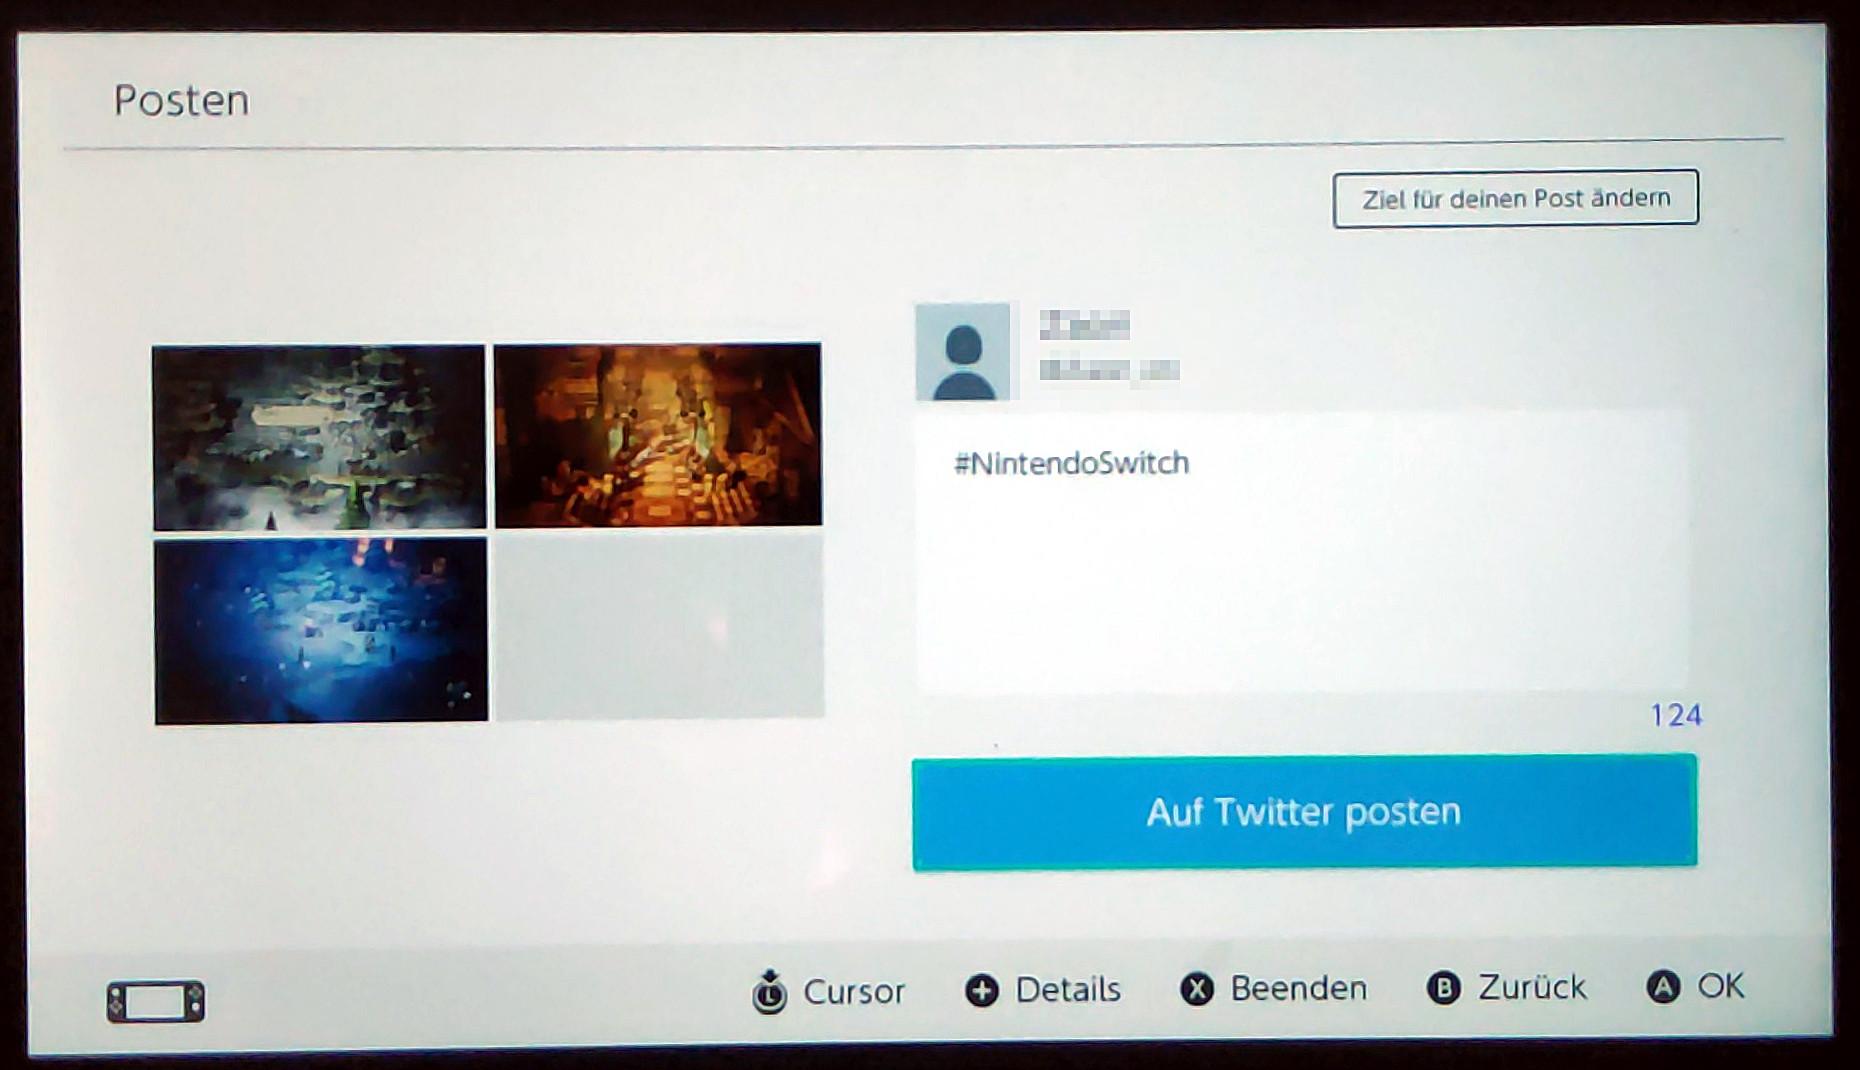 """7c3dccecf5 Bestätigt mit """"Posten"""". Wählt Facebook oder Twitter aus und verbindet euren  Account, sofern noch nicht geschehen. Beim Posten seht ihr nochmal die ..."""